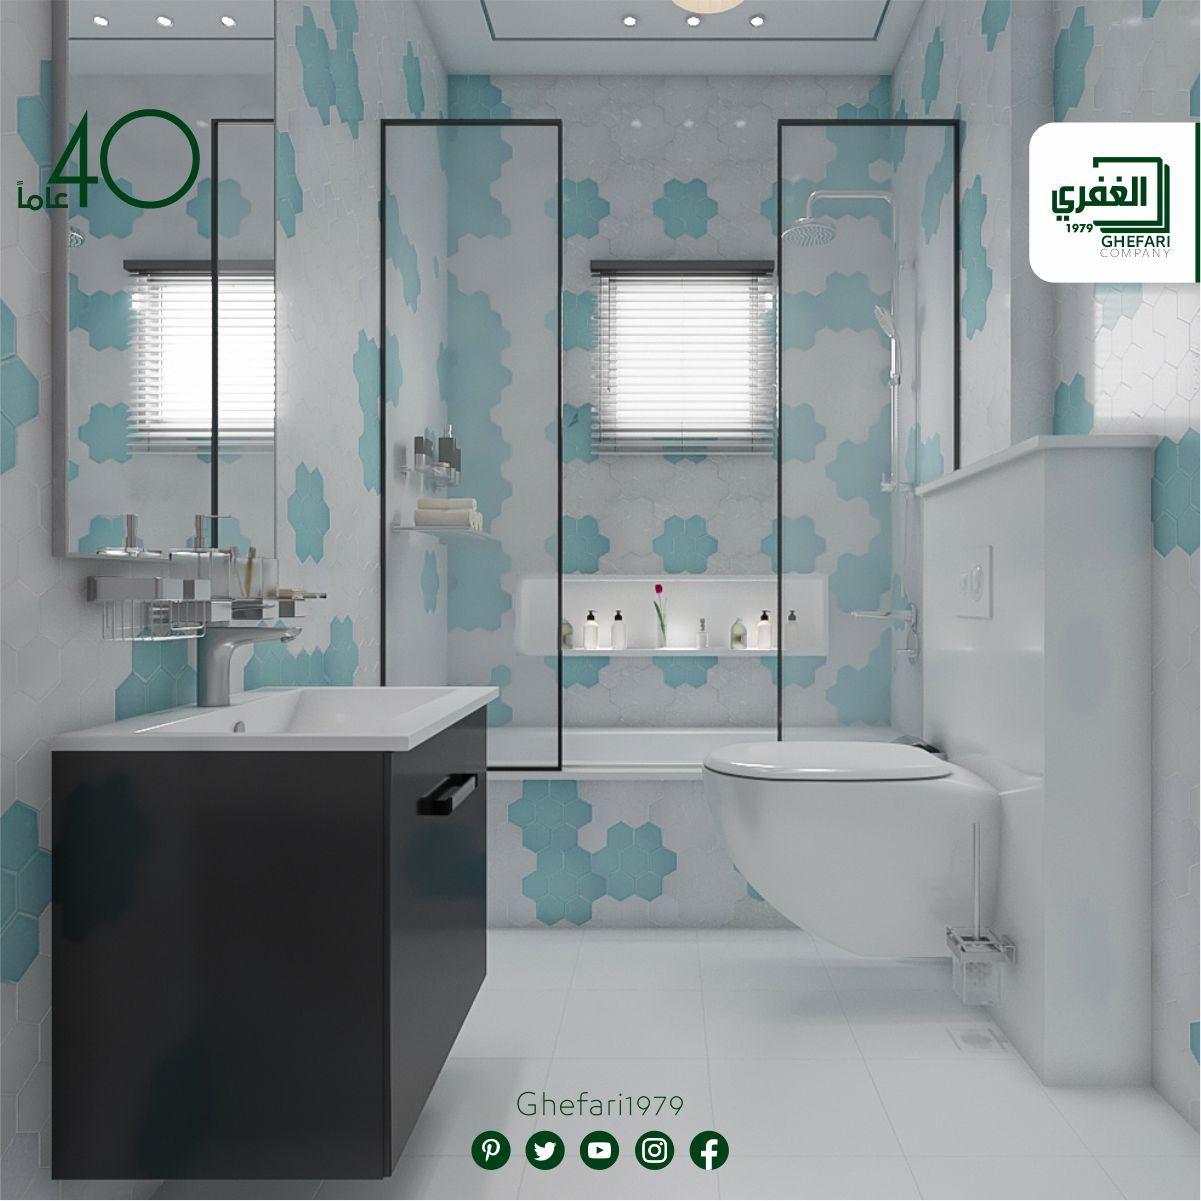 ديكور سداسي للاستخدام داخل الحمامات المطابخ اماكن اخرى للمزيد زورونا على موقع الشركة Https Www Ghefari Com Ar Joker Niza وا Corner Bathtub Bathtub Bathroom